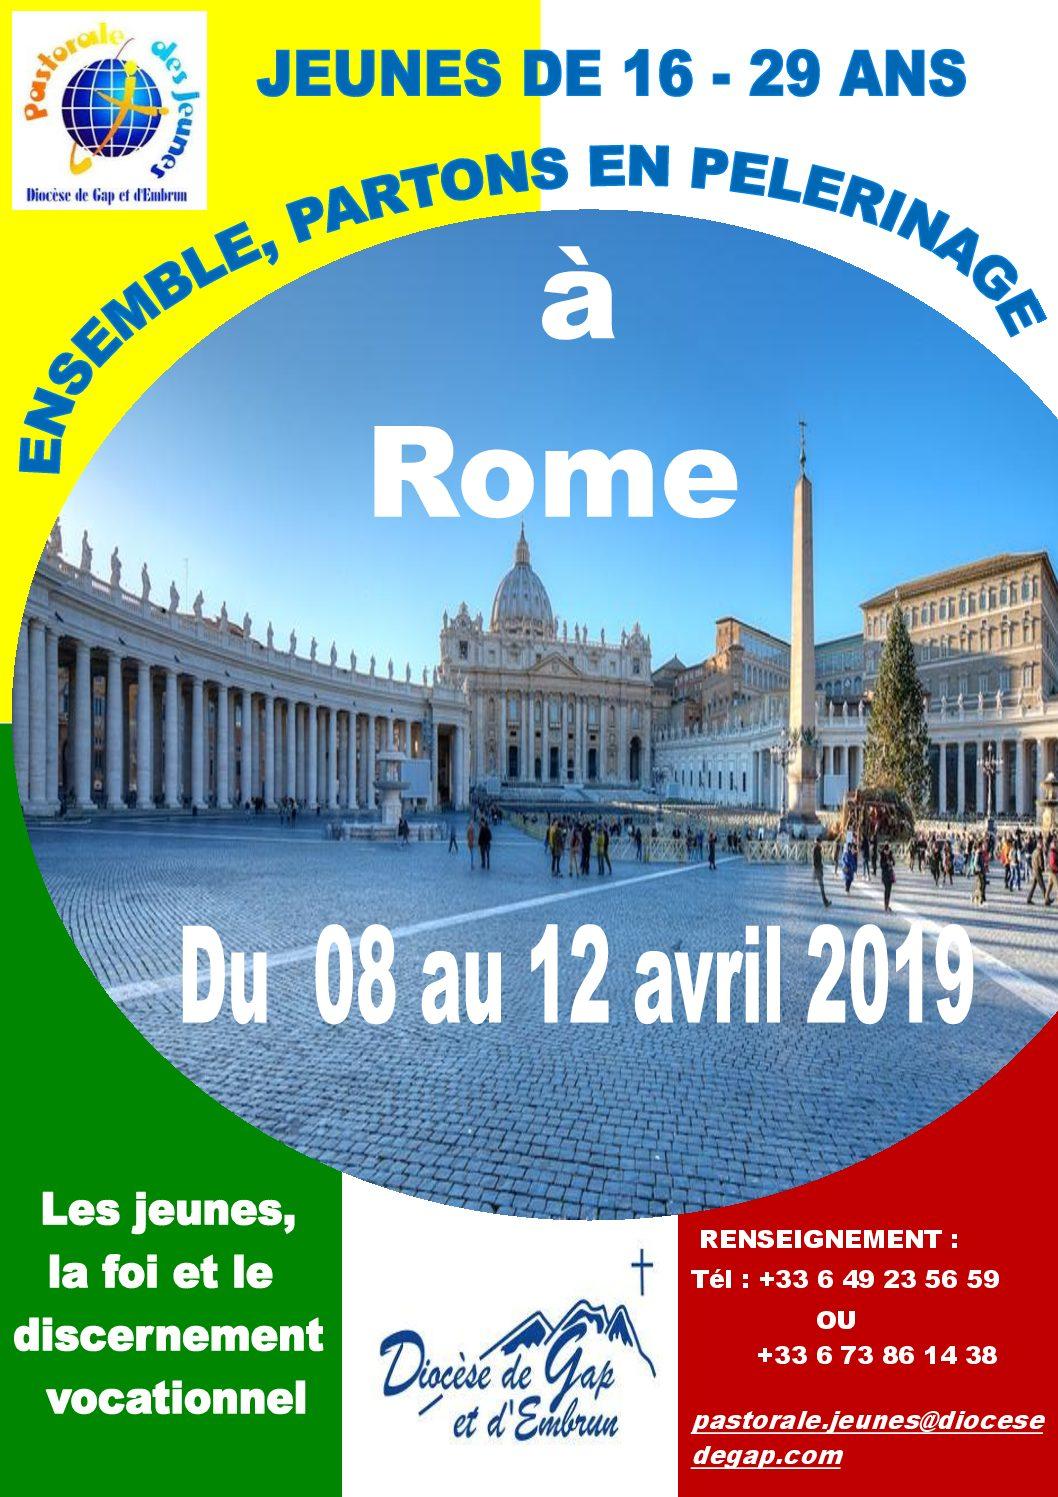 Jeunes de 16 – 29 ans  Ensemble, partons en pélérinage à Rome du 8 au 12 avril 2019